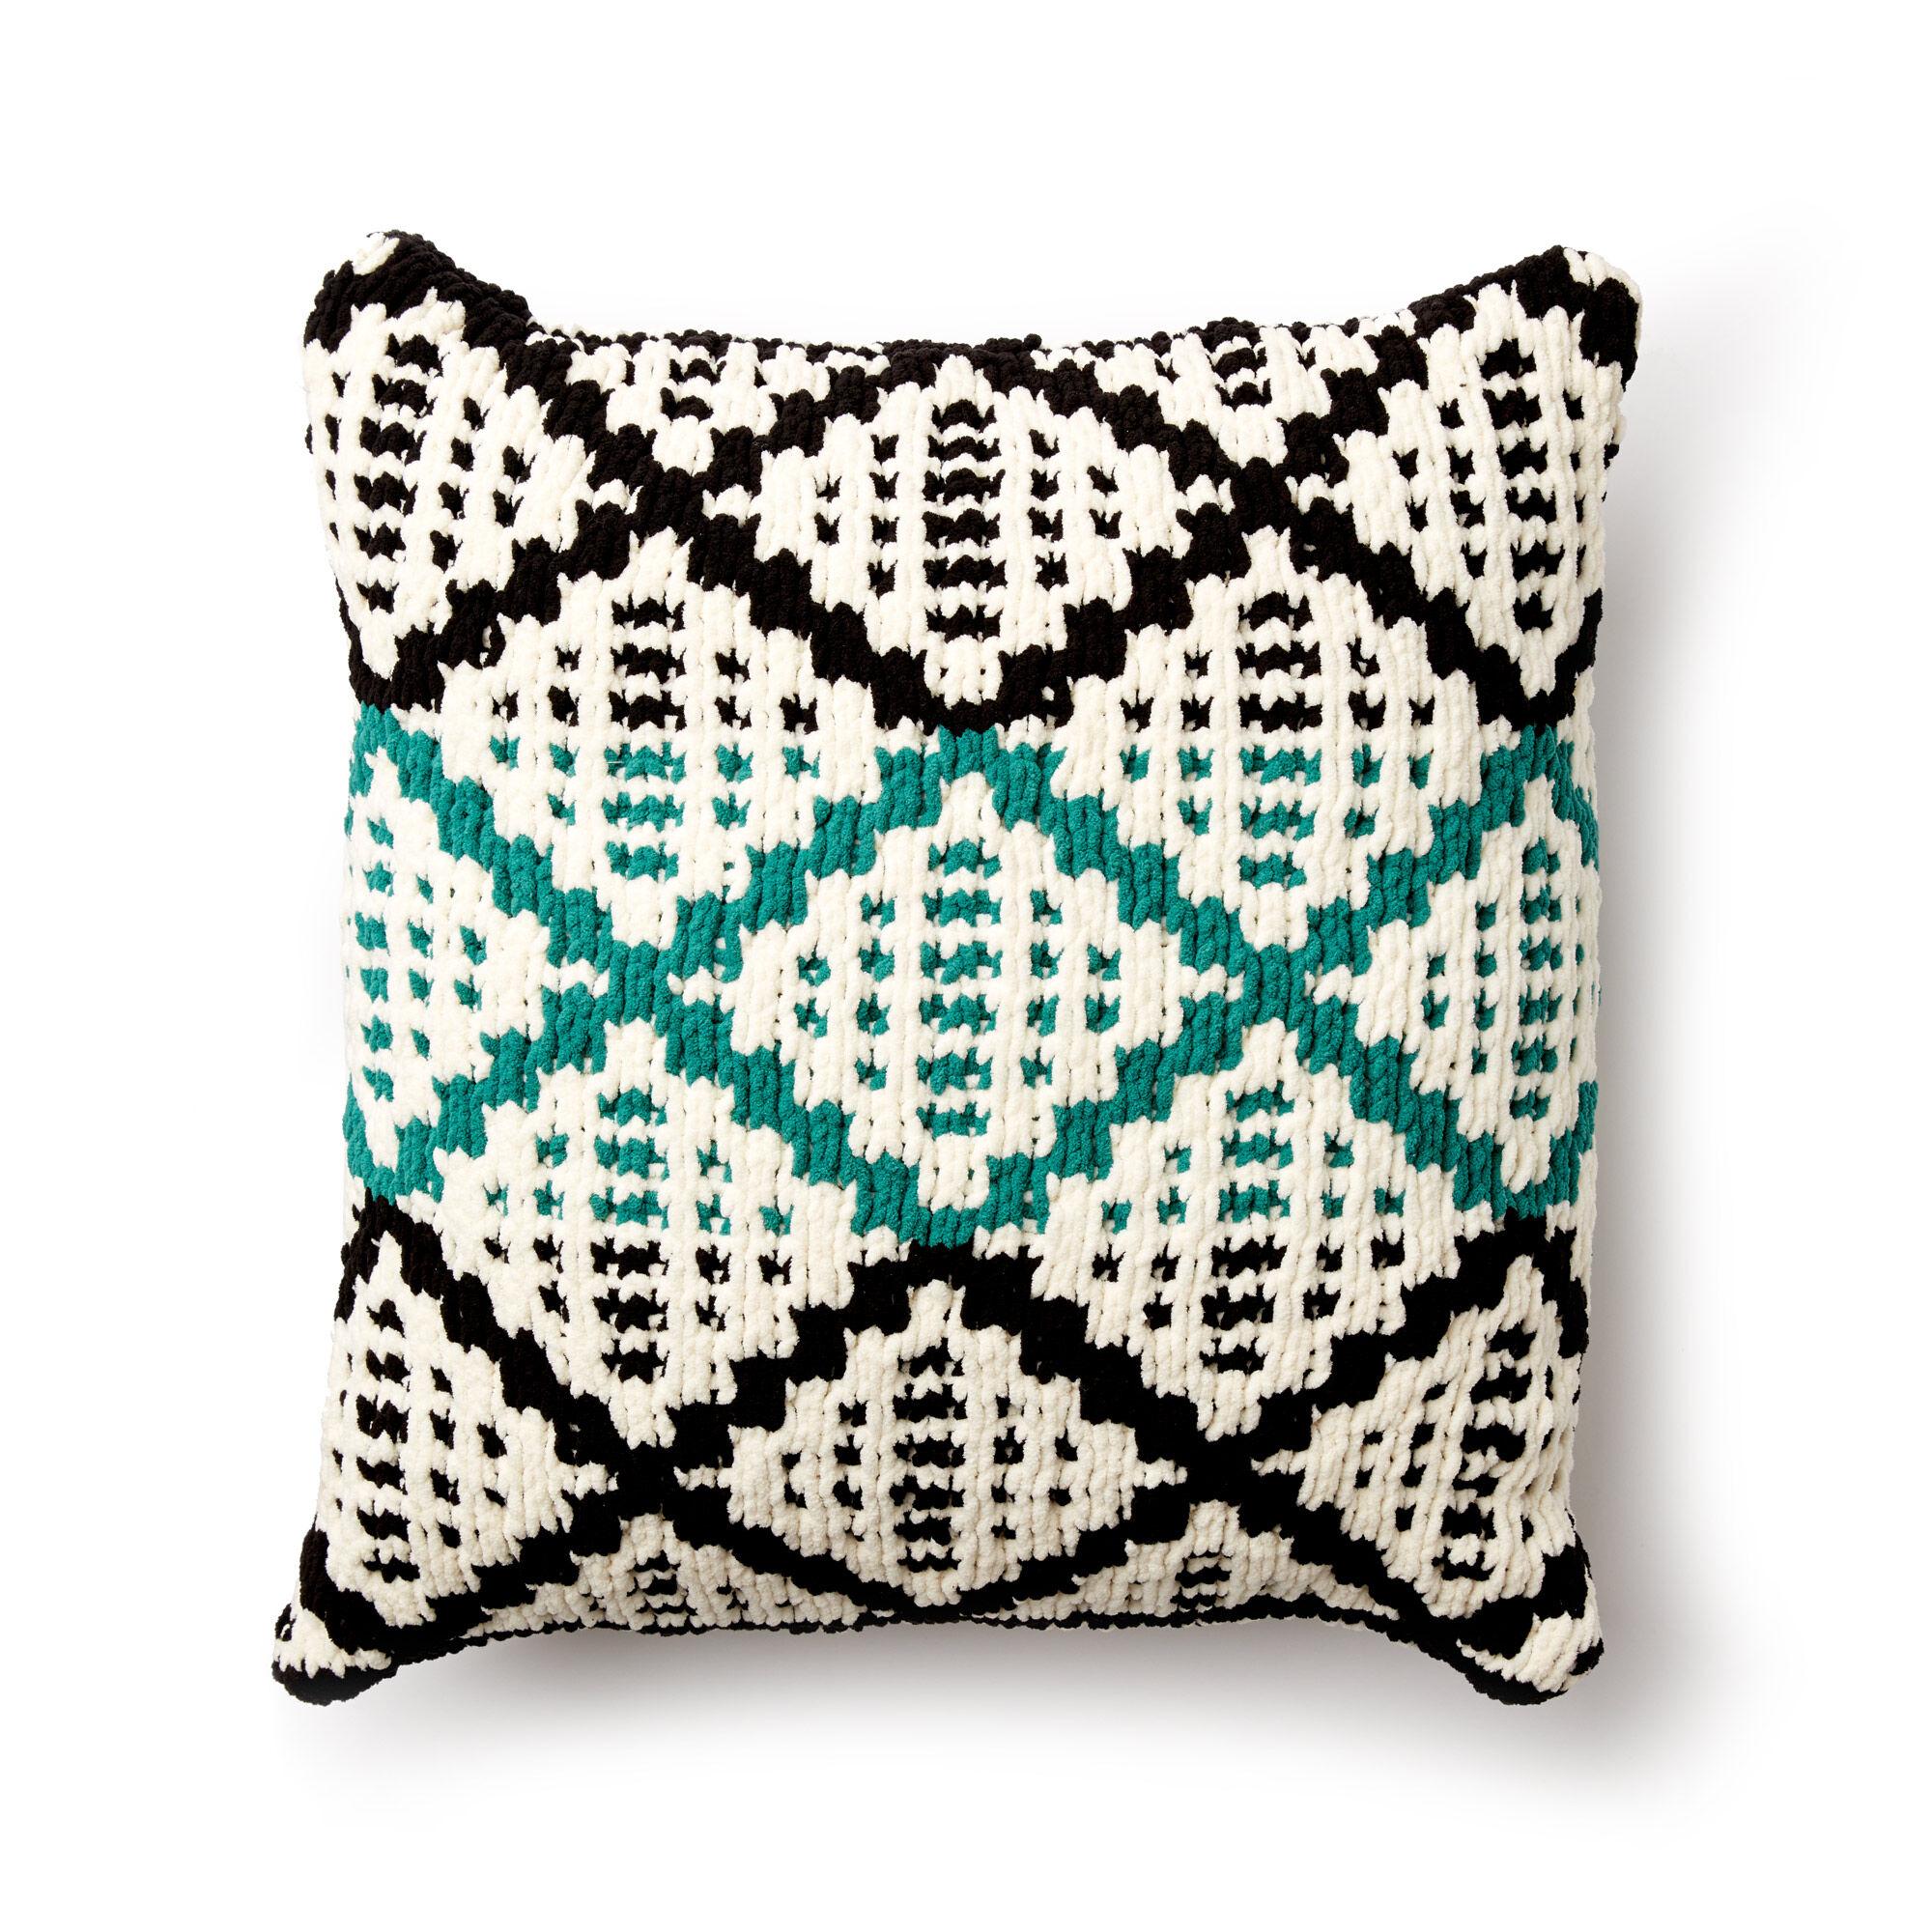 Diamond slip stitch pattern on plush cushion.